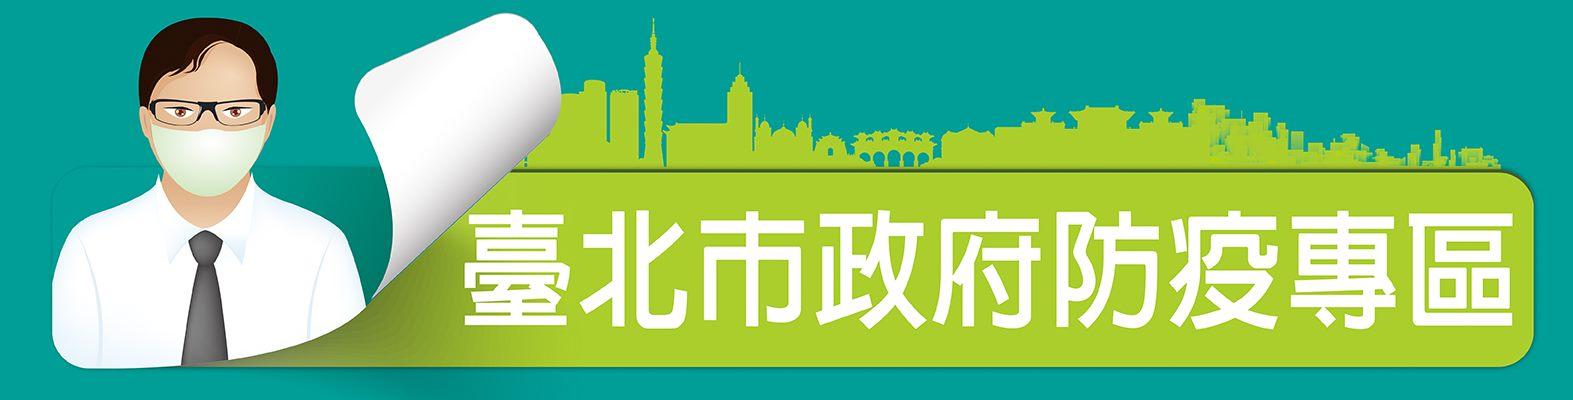 臺北市政府衛生局嚴重特殊傳染性肺炎專區(武漢肺炎)